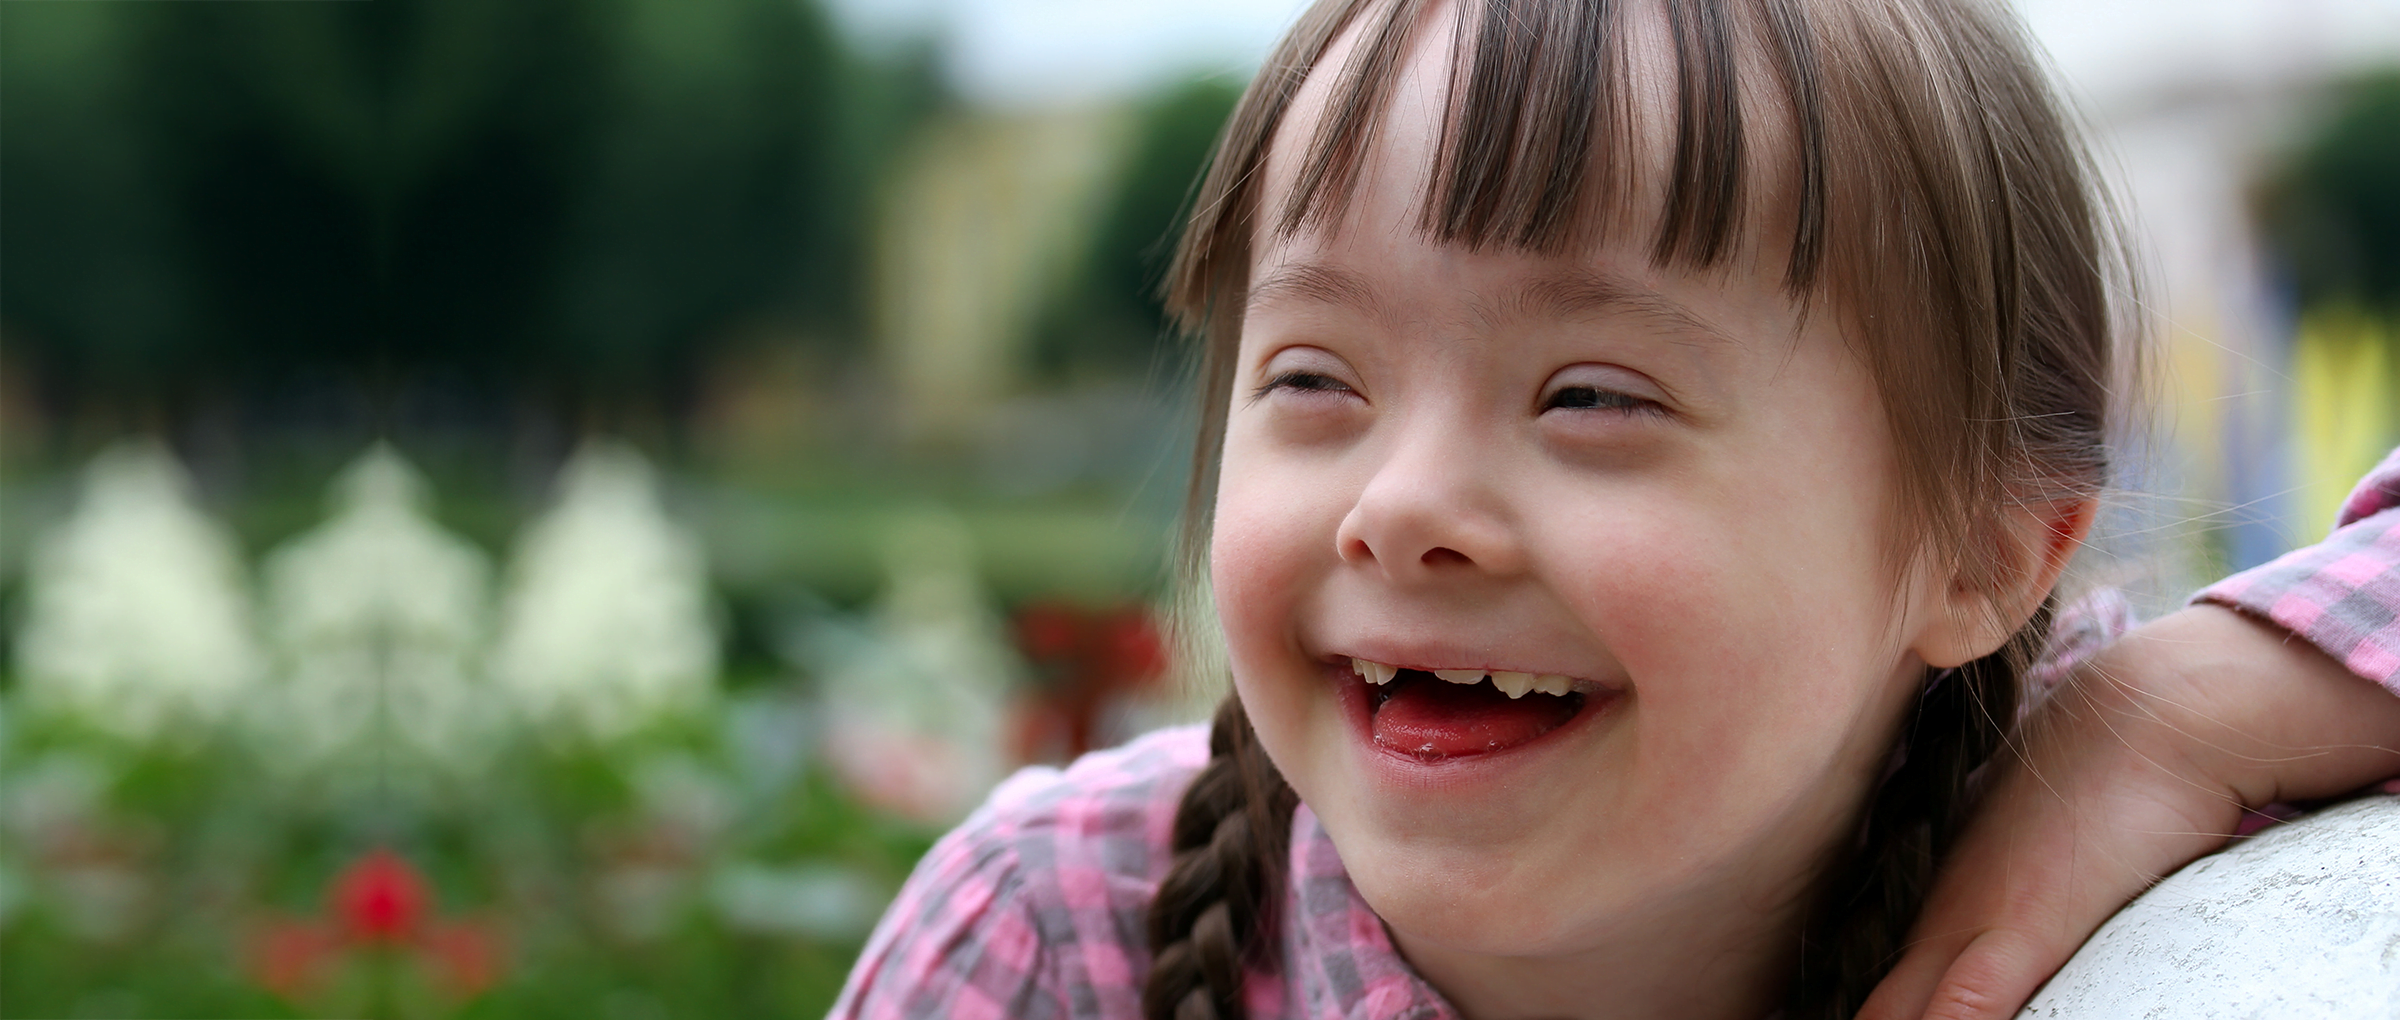 Chromosomische Veränderungen wie im Down-Syndrom